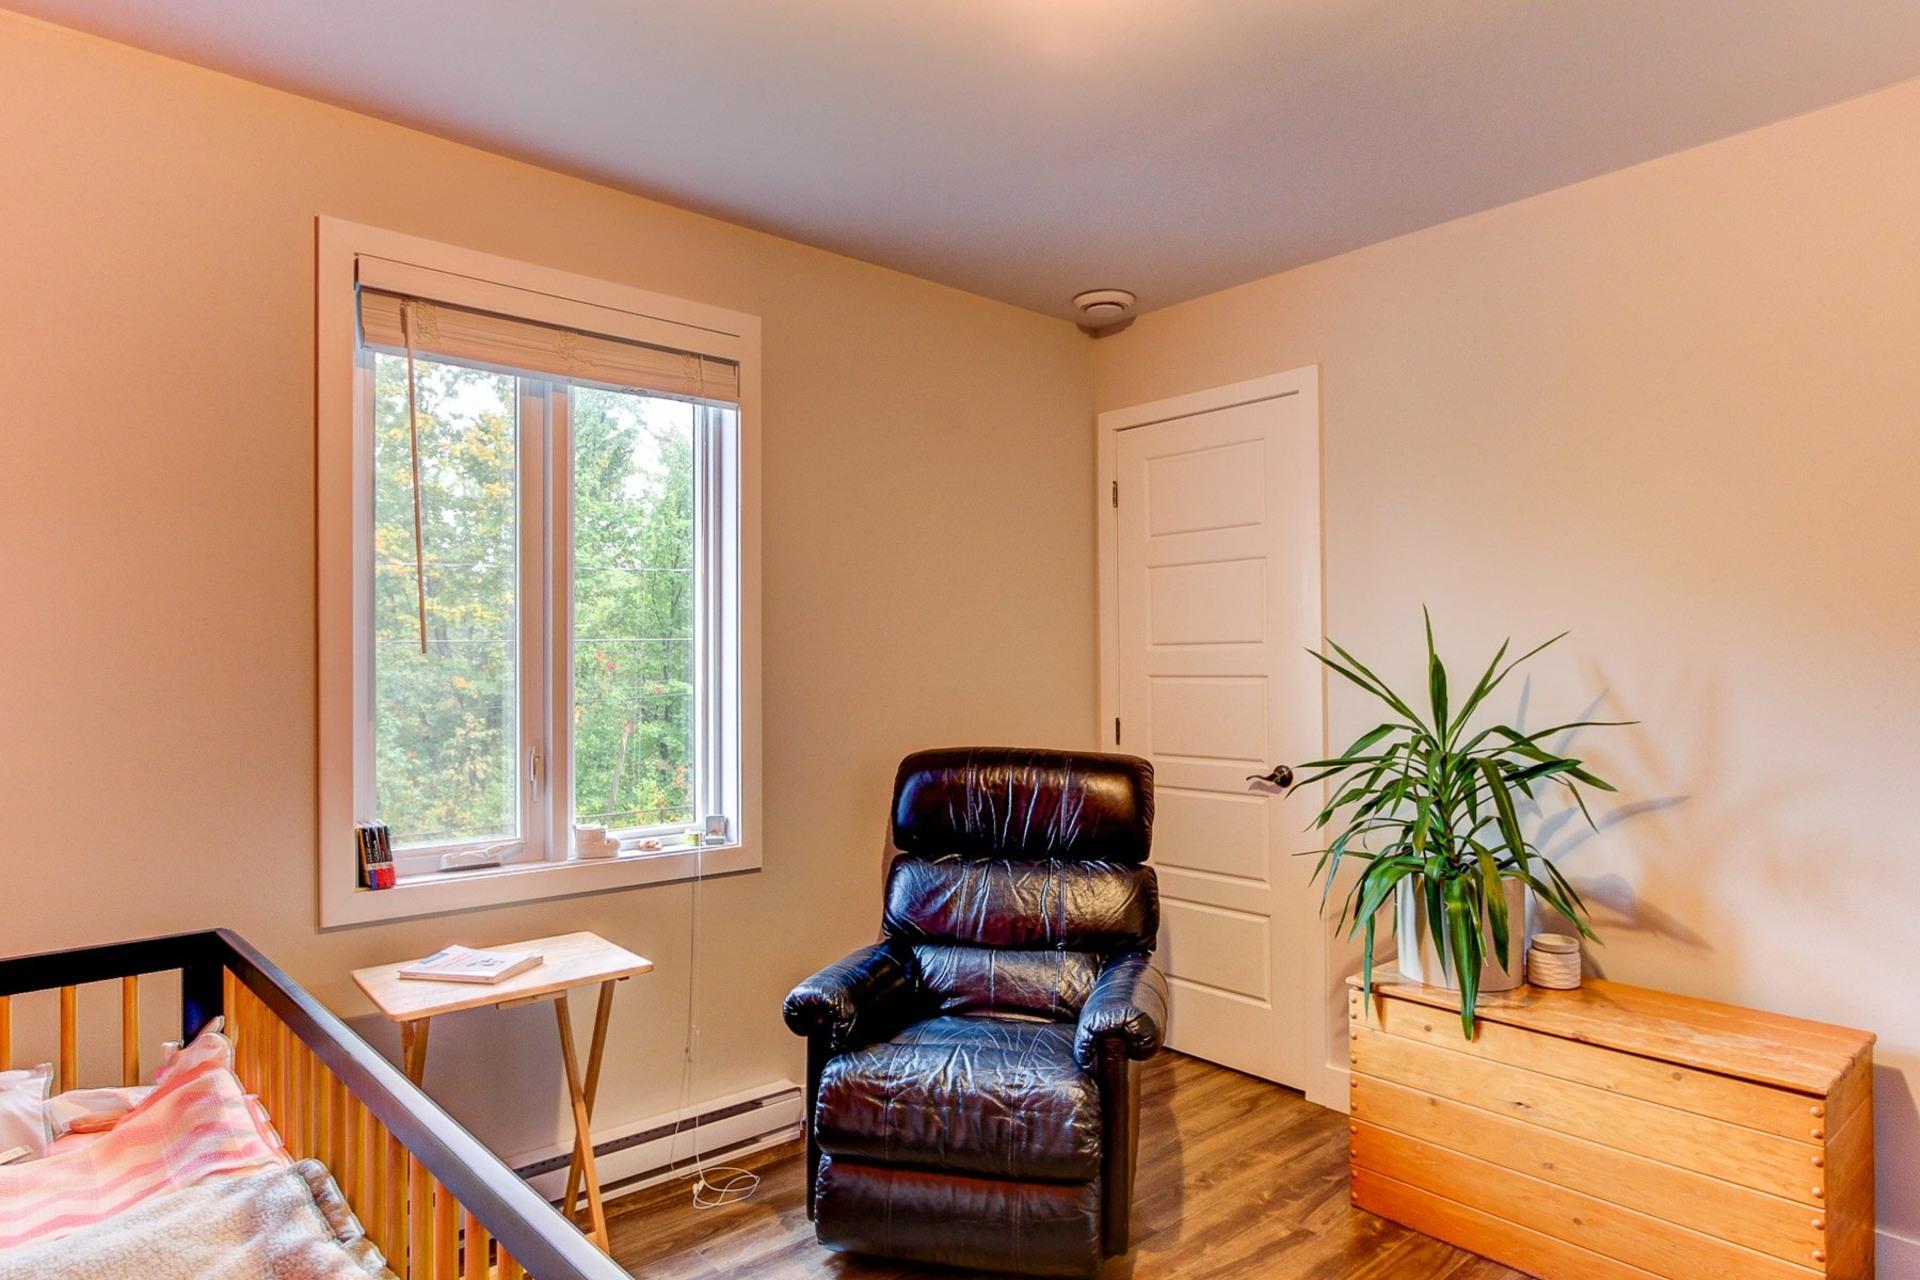 image 17 - Apartment For sale Trois-Rivières - 7 rooms